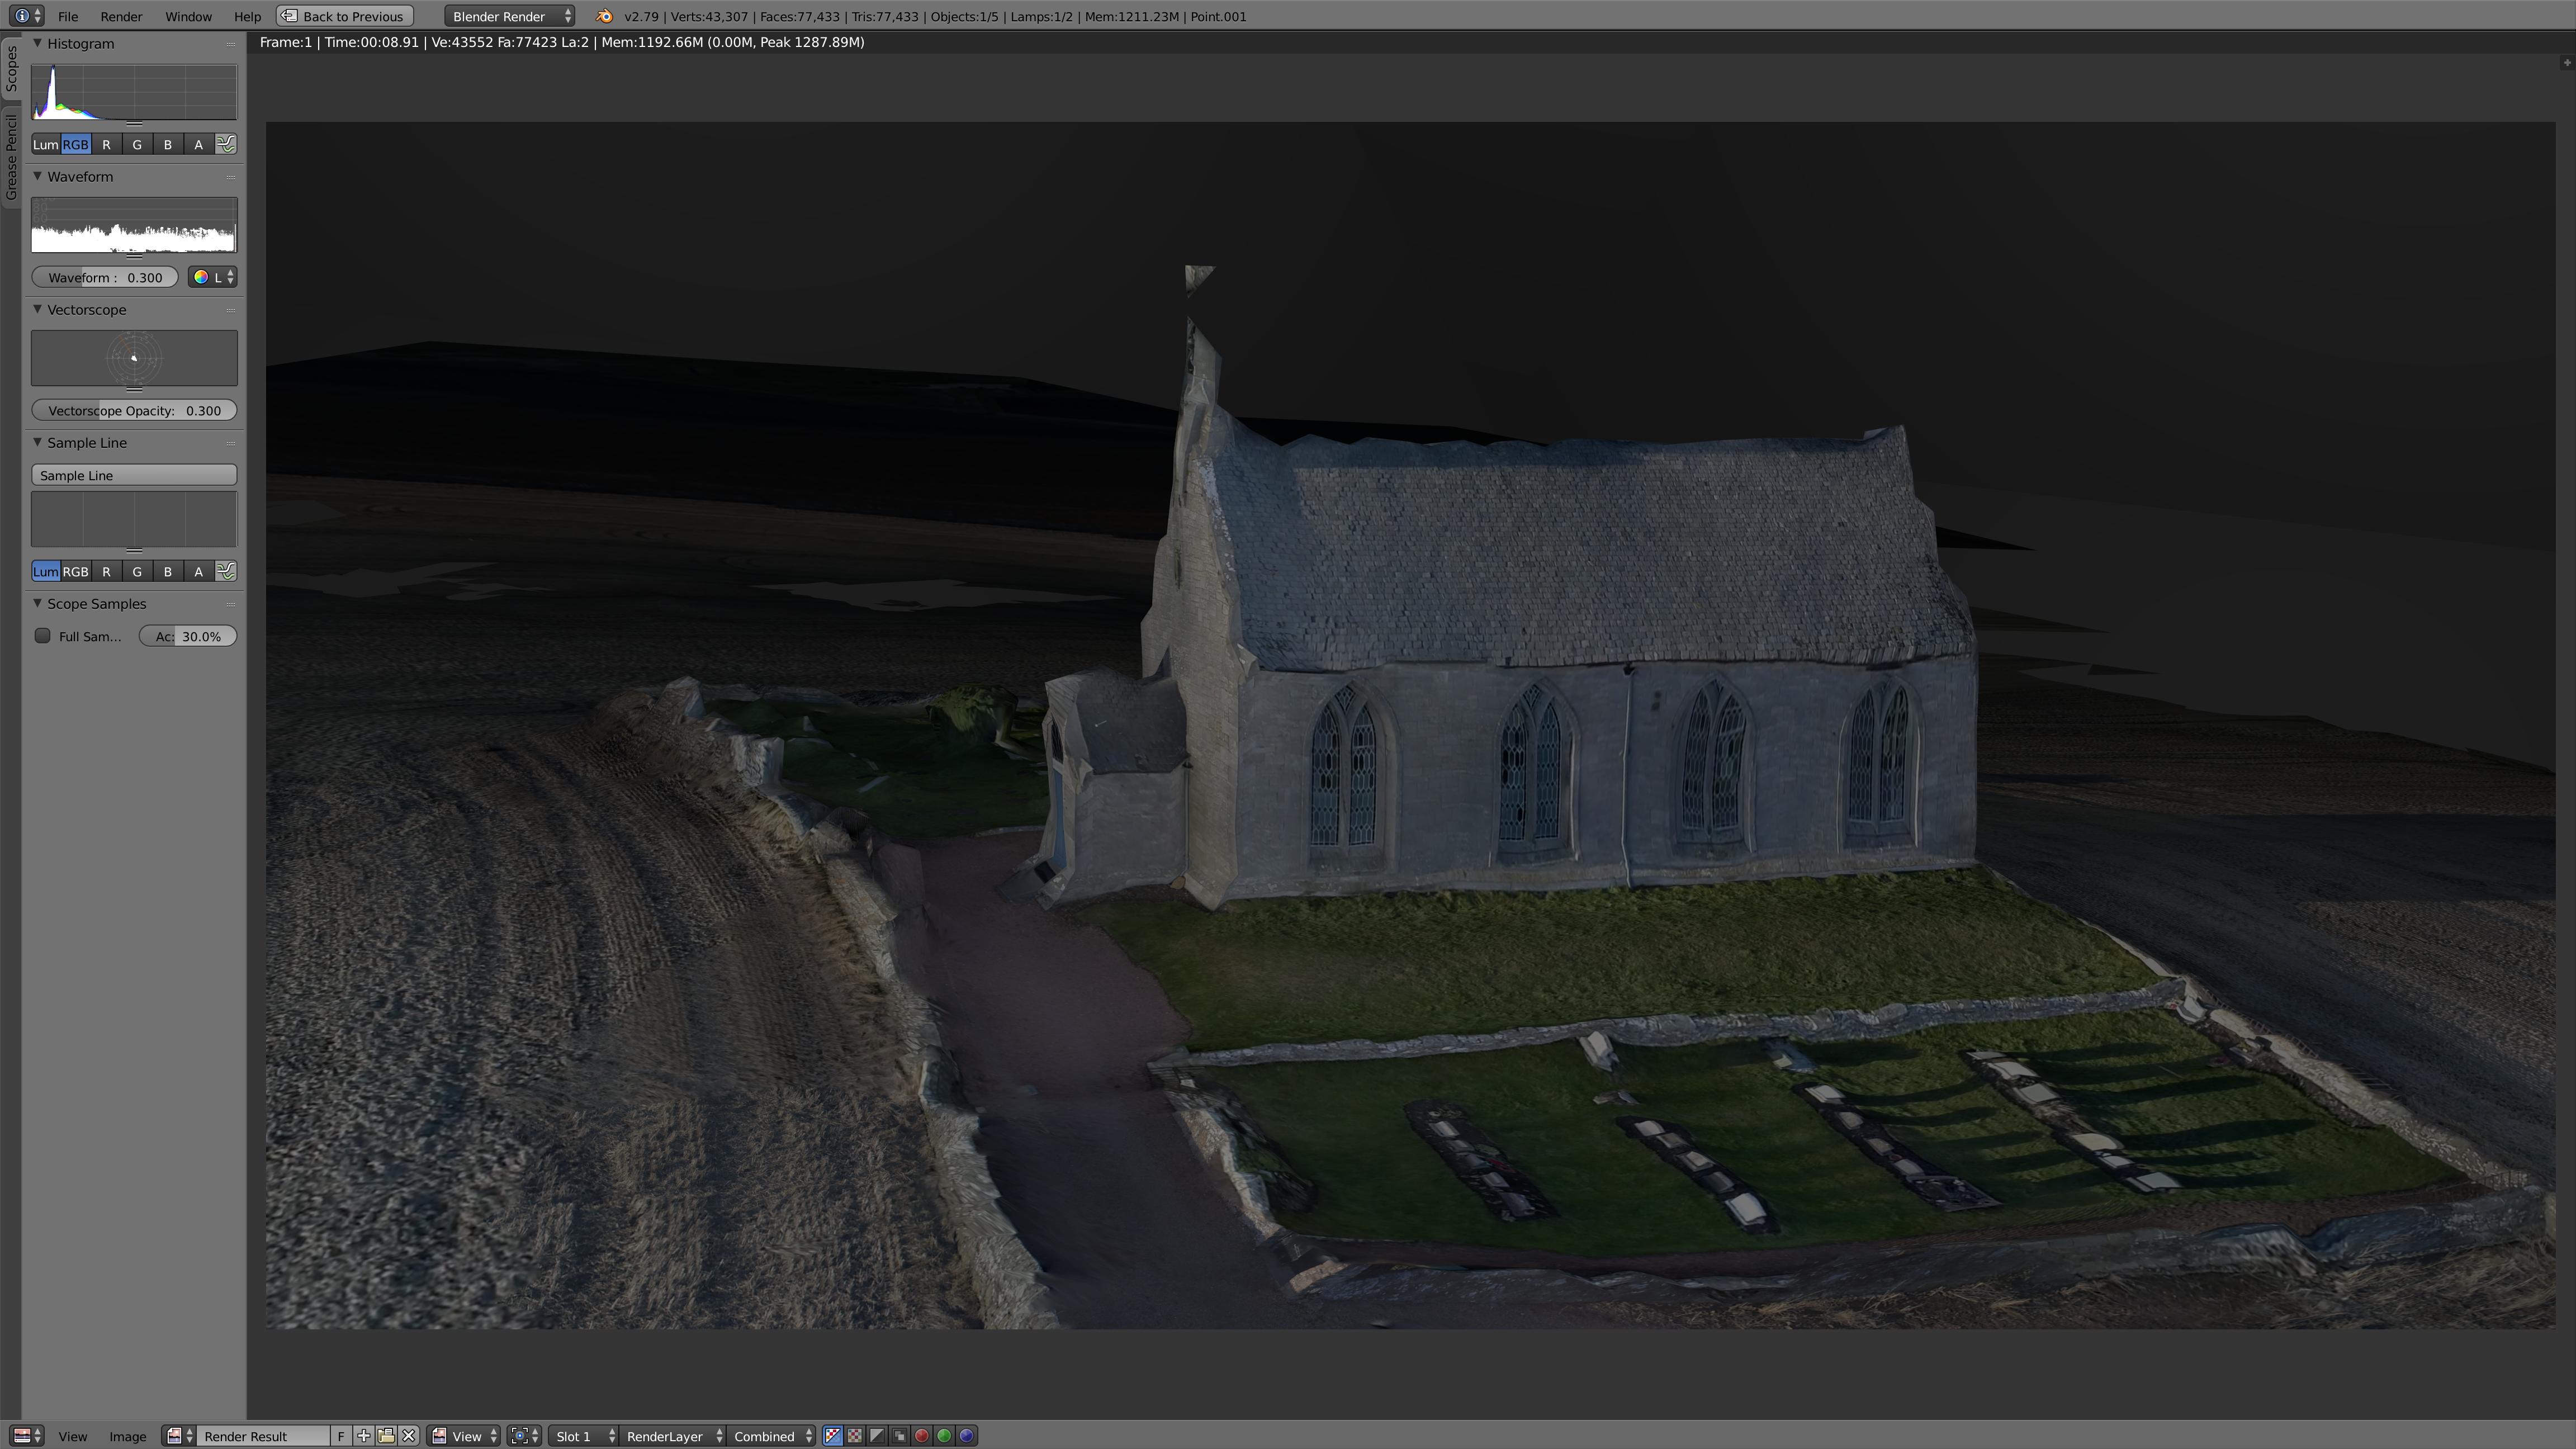 Boarhills Church, East Neuk, Fife - 3D model rendered in Blender